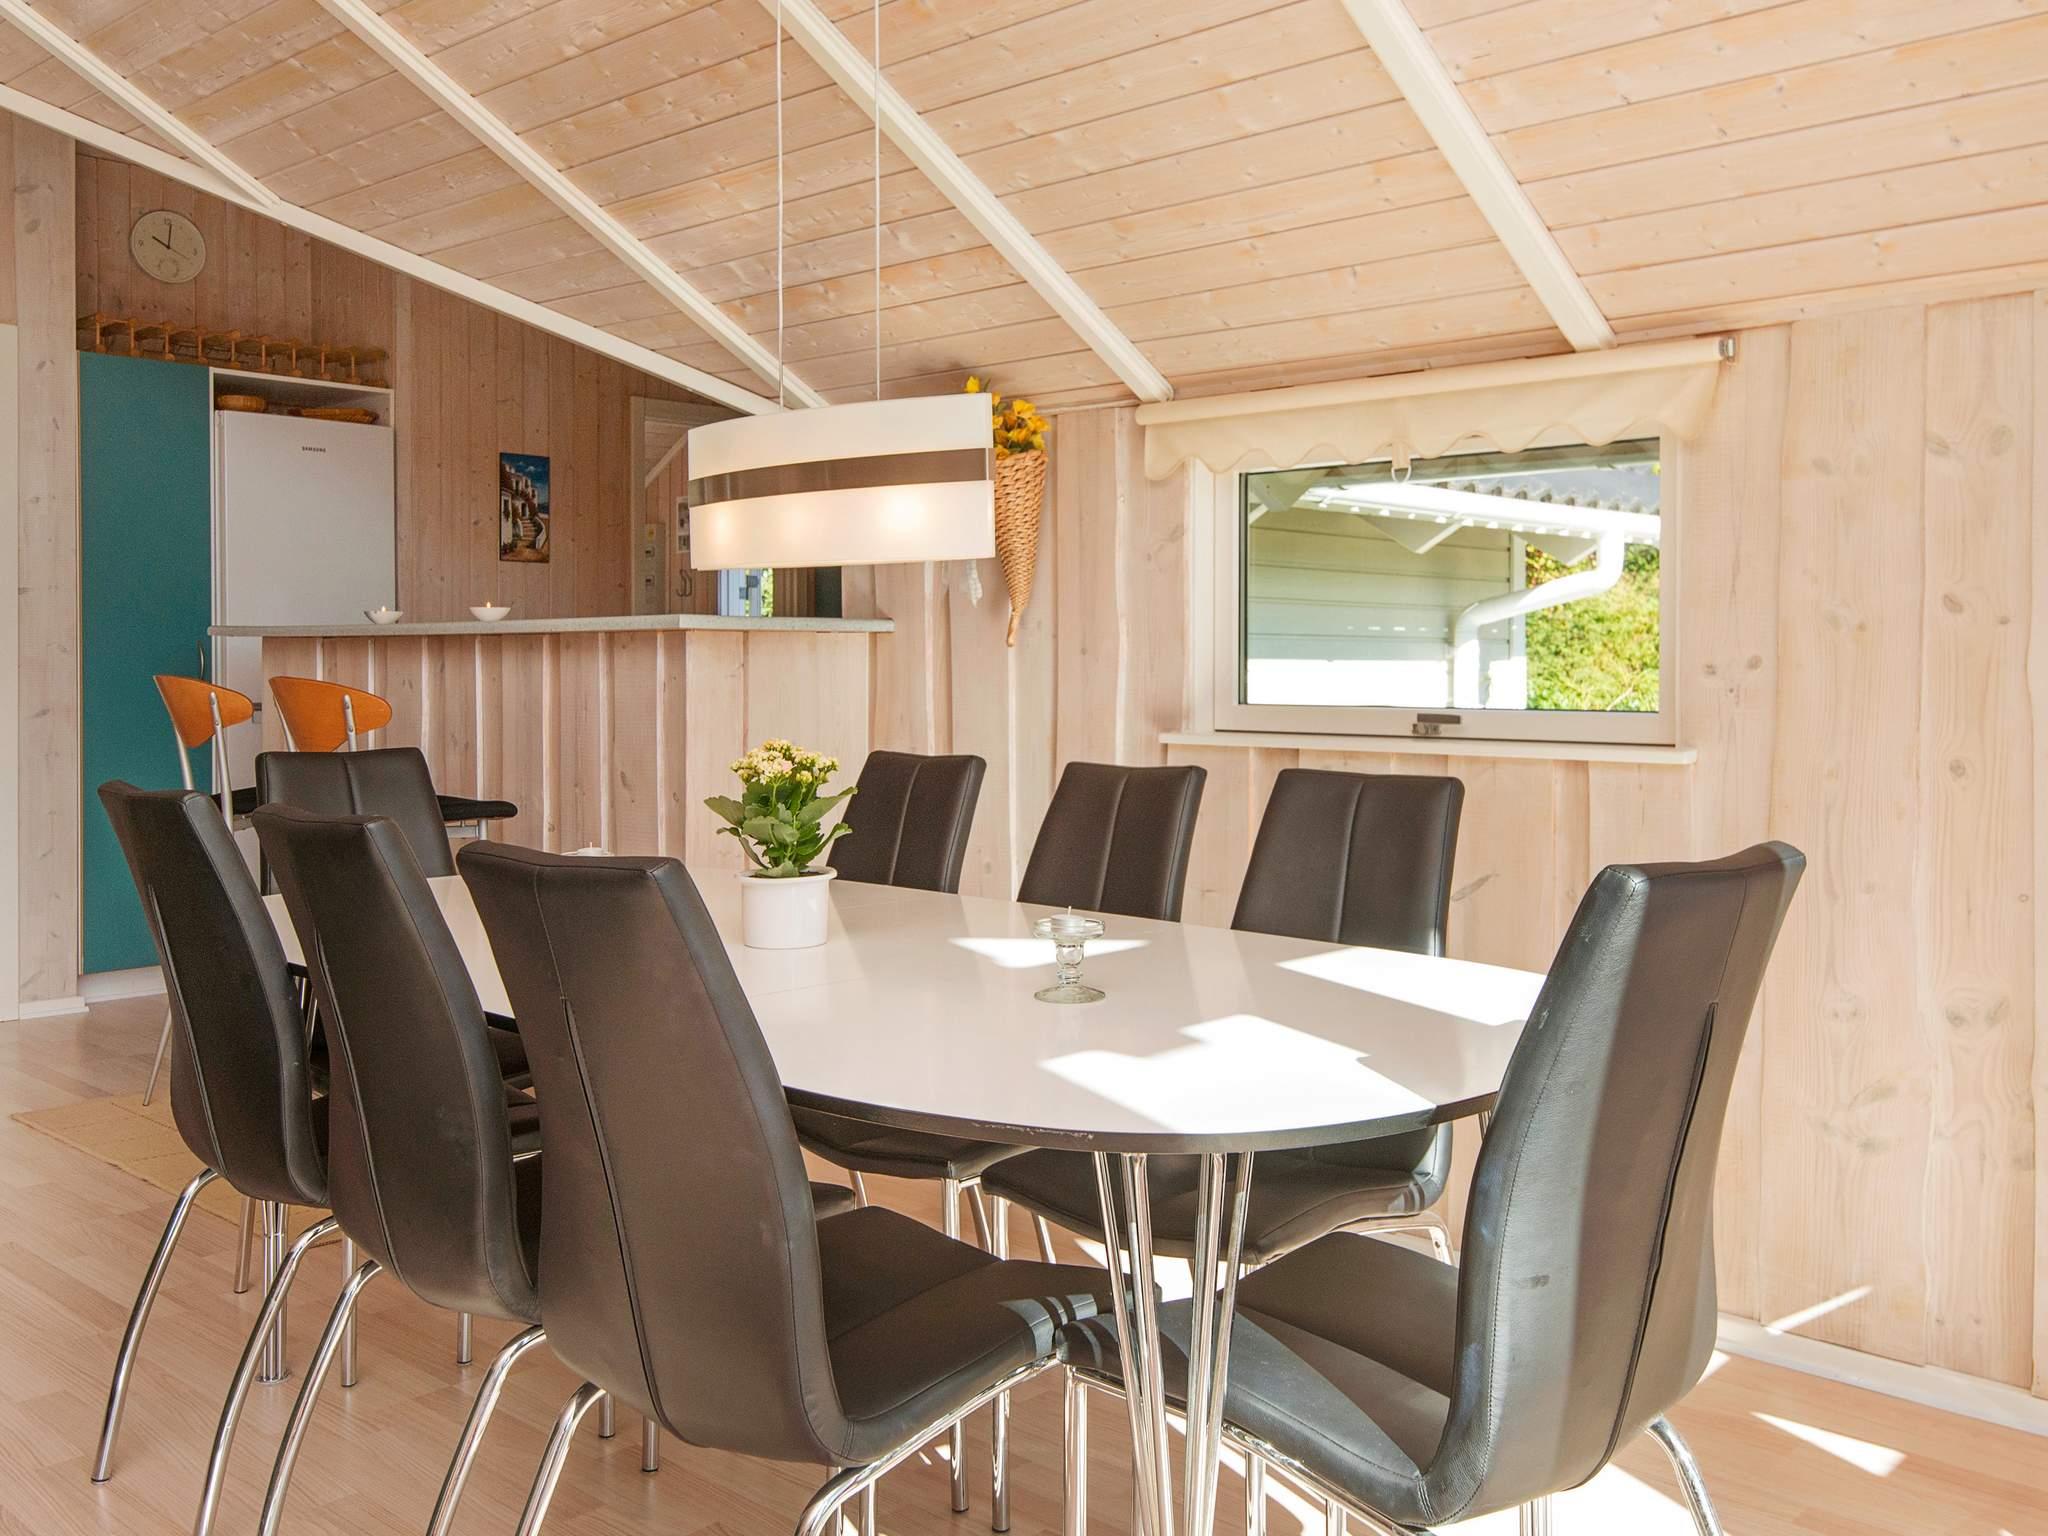 Ferienhaus Egsmark Strand (2354756), Egsmark, , Dänische Ostsee, Dänemark, Bild 5